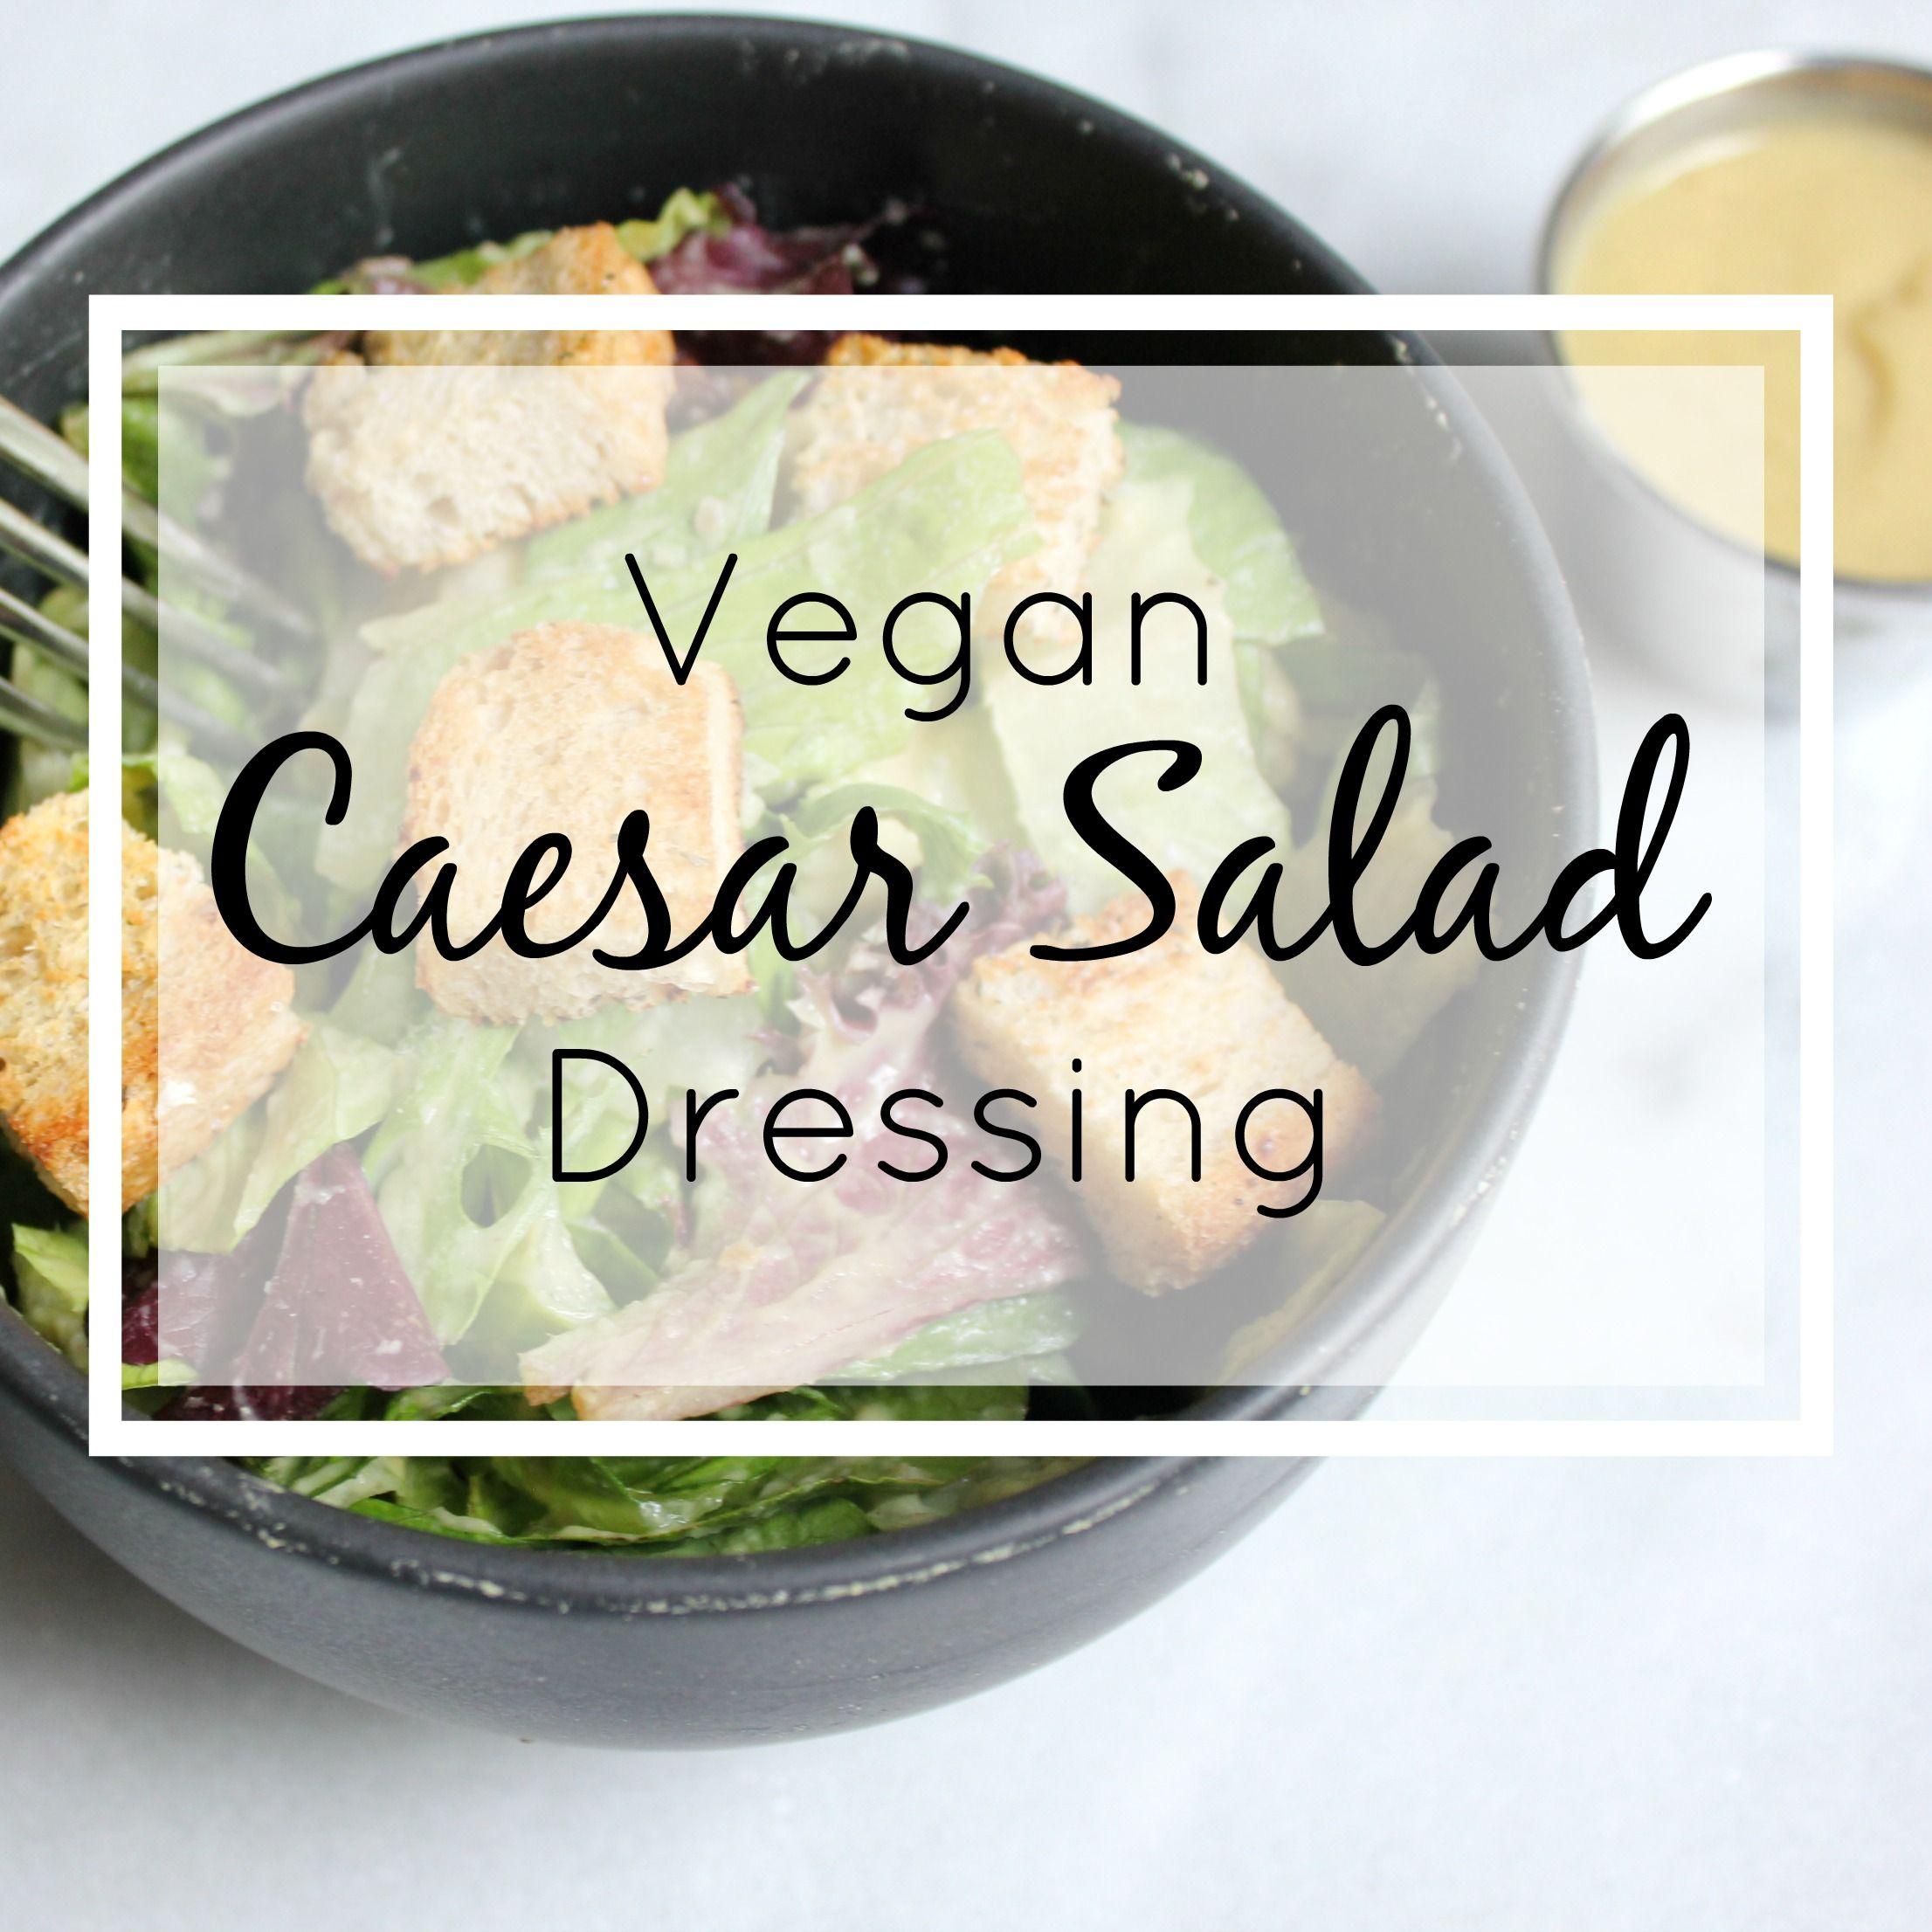 Vegan Caesar Dressing Recipe Vegan caesar, Vegan